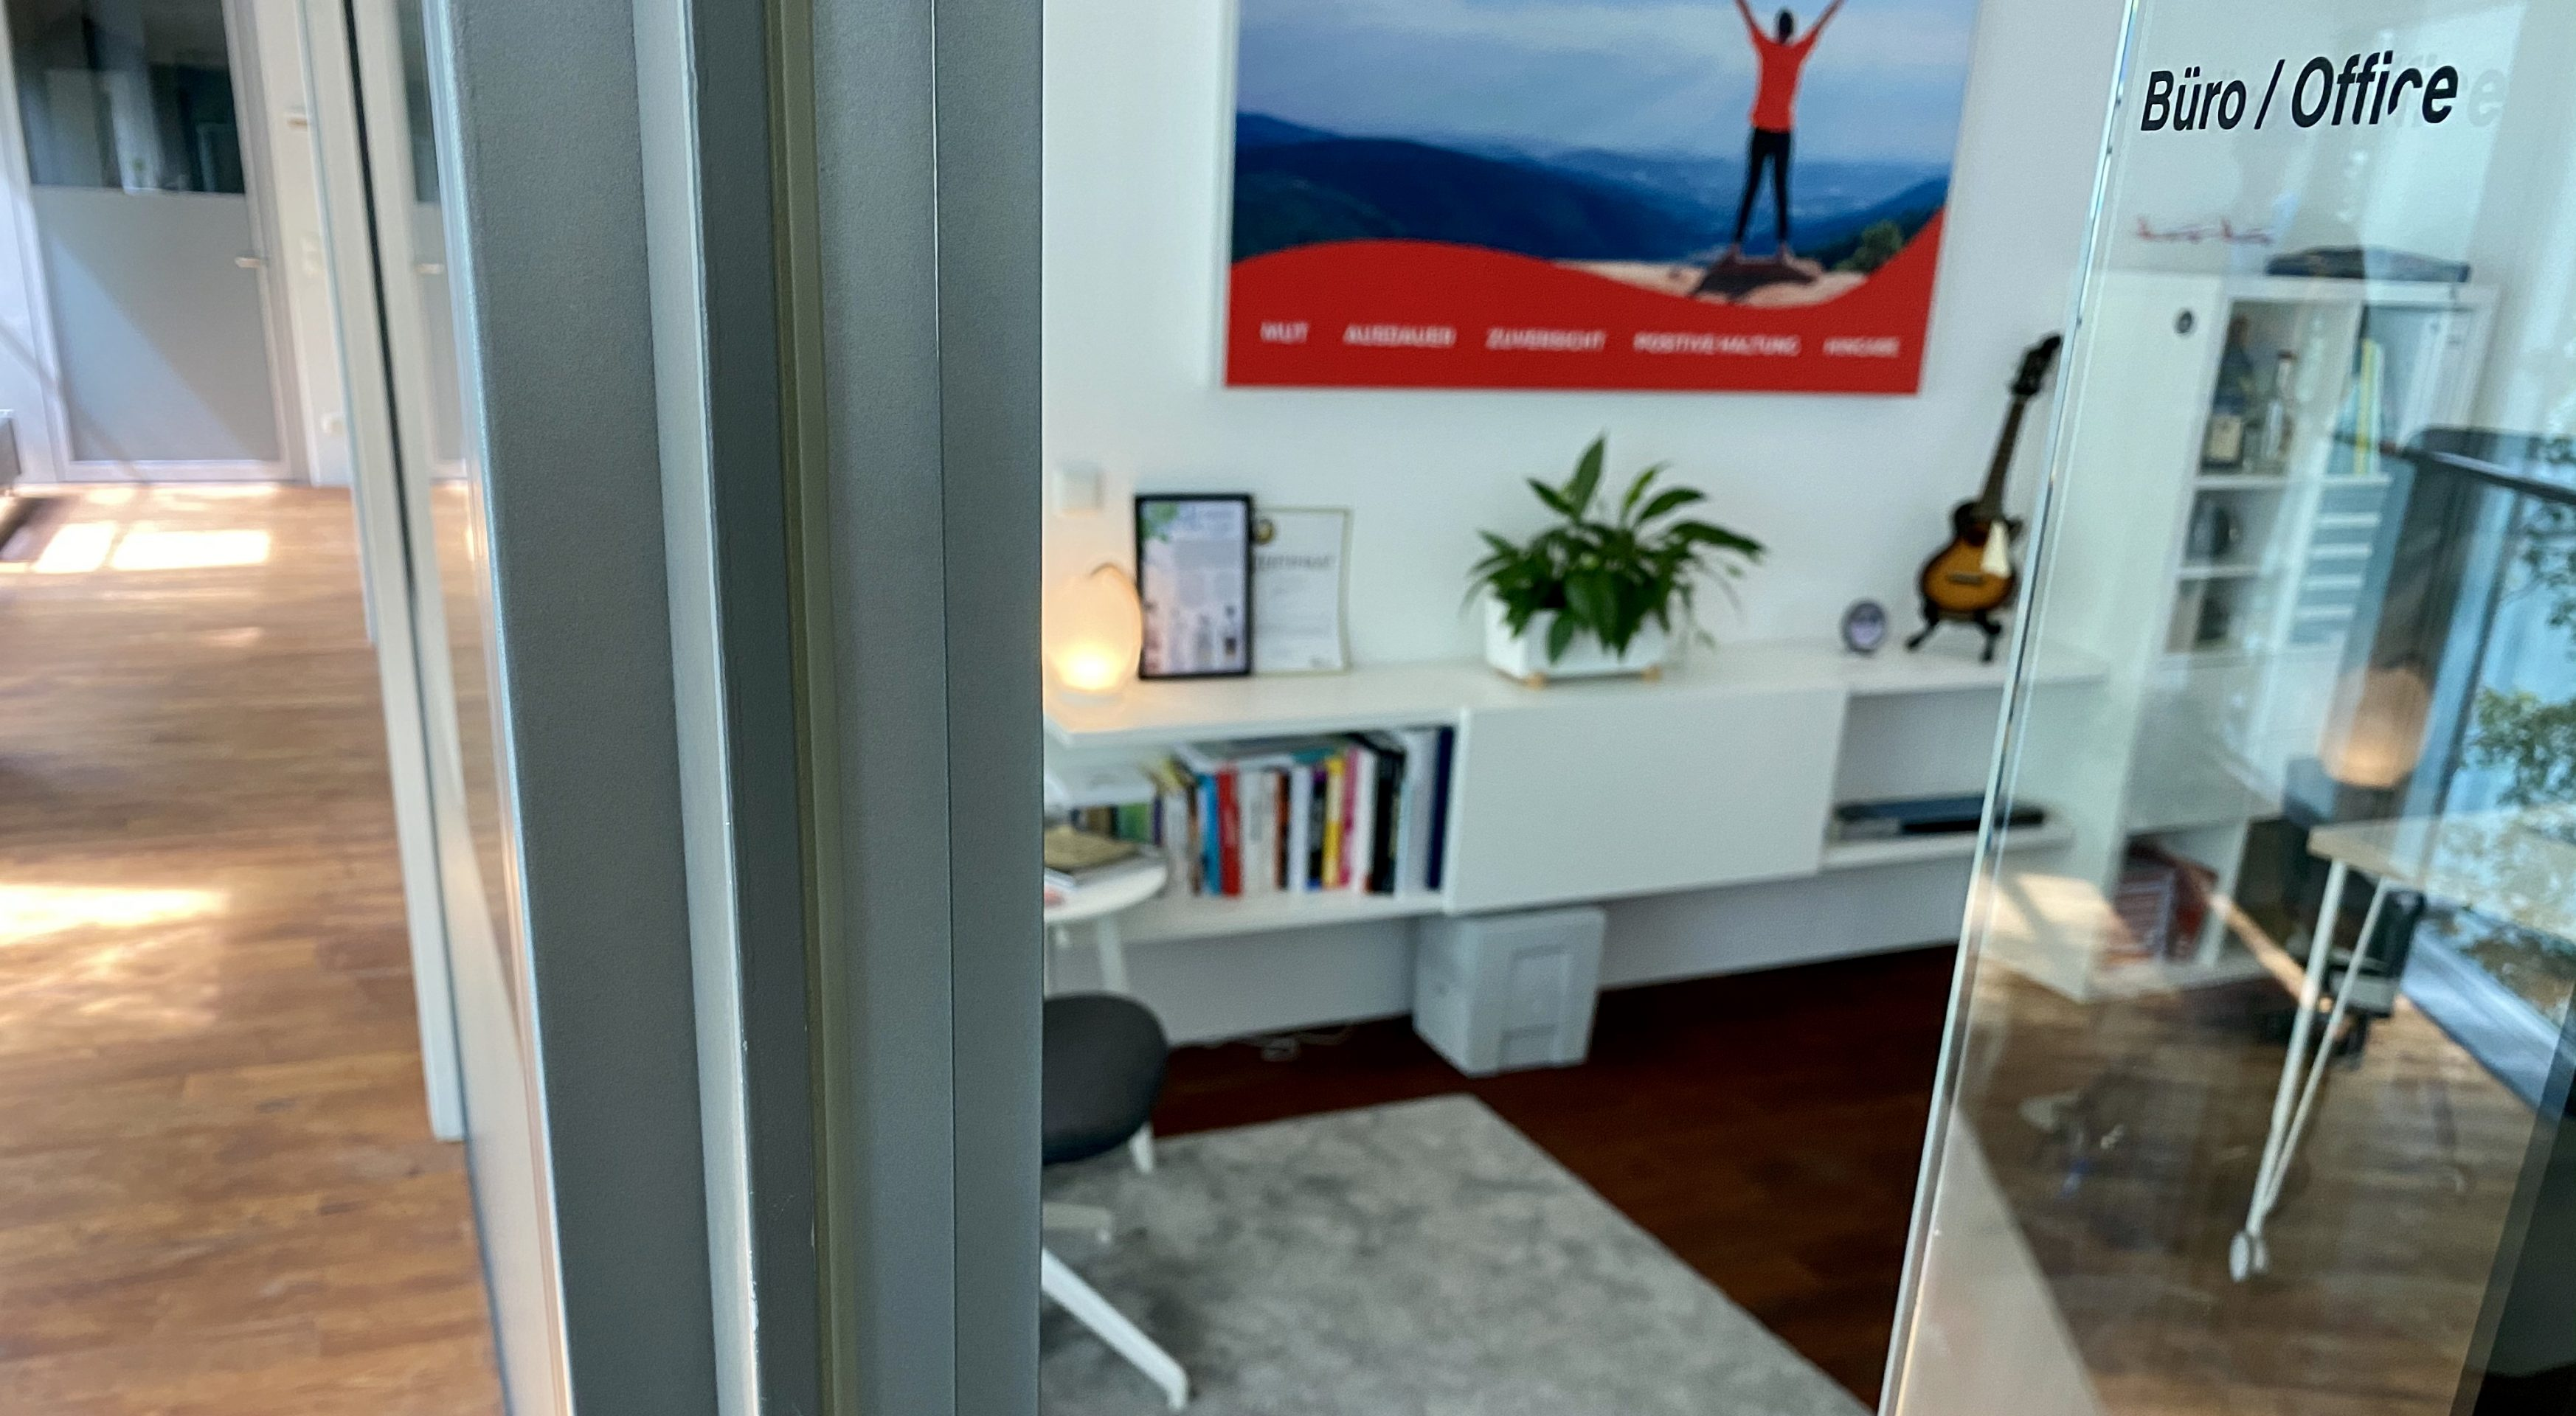 Foto_Büro_office